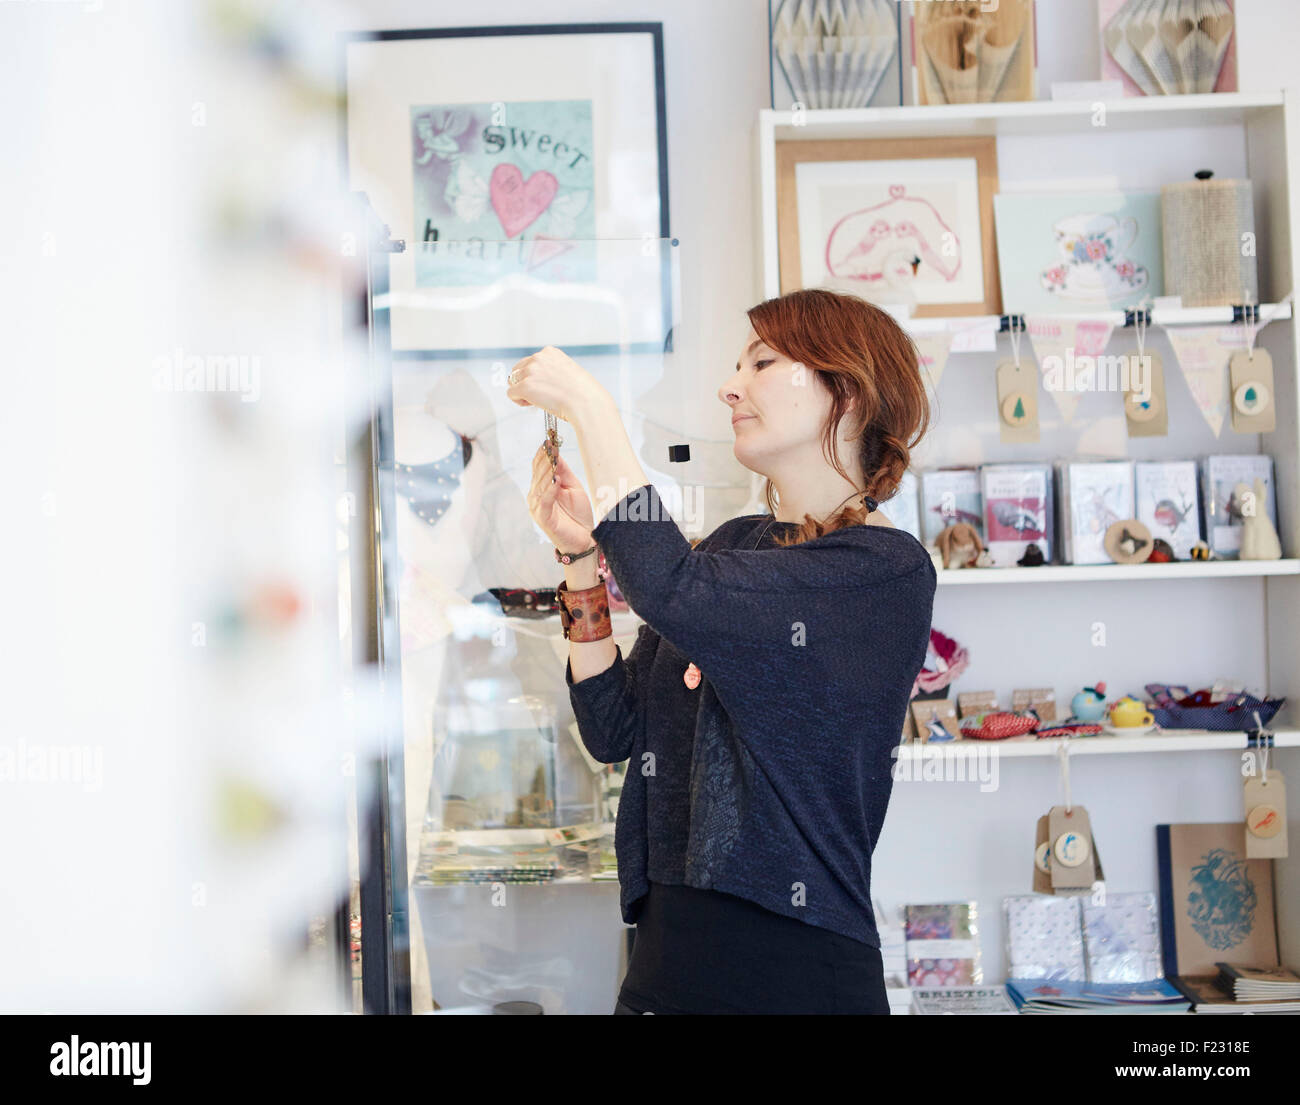 Una donna matura in un dono e una gioielleria, guardando un oggetto, un acquirente o di un titolare di azienda e Immagini Stock